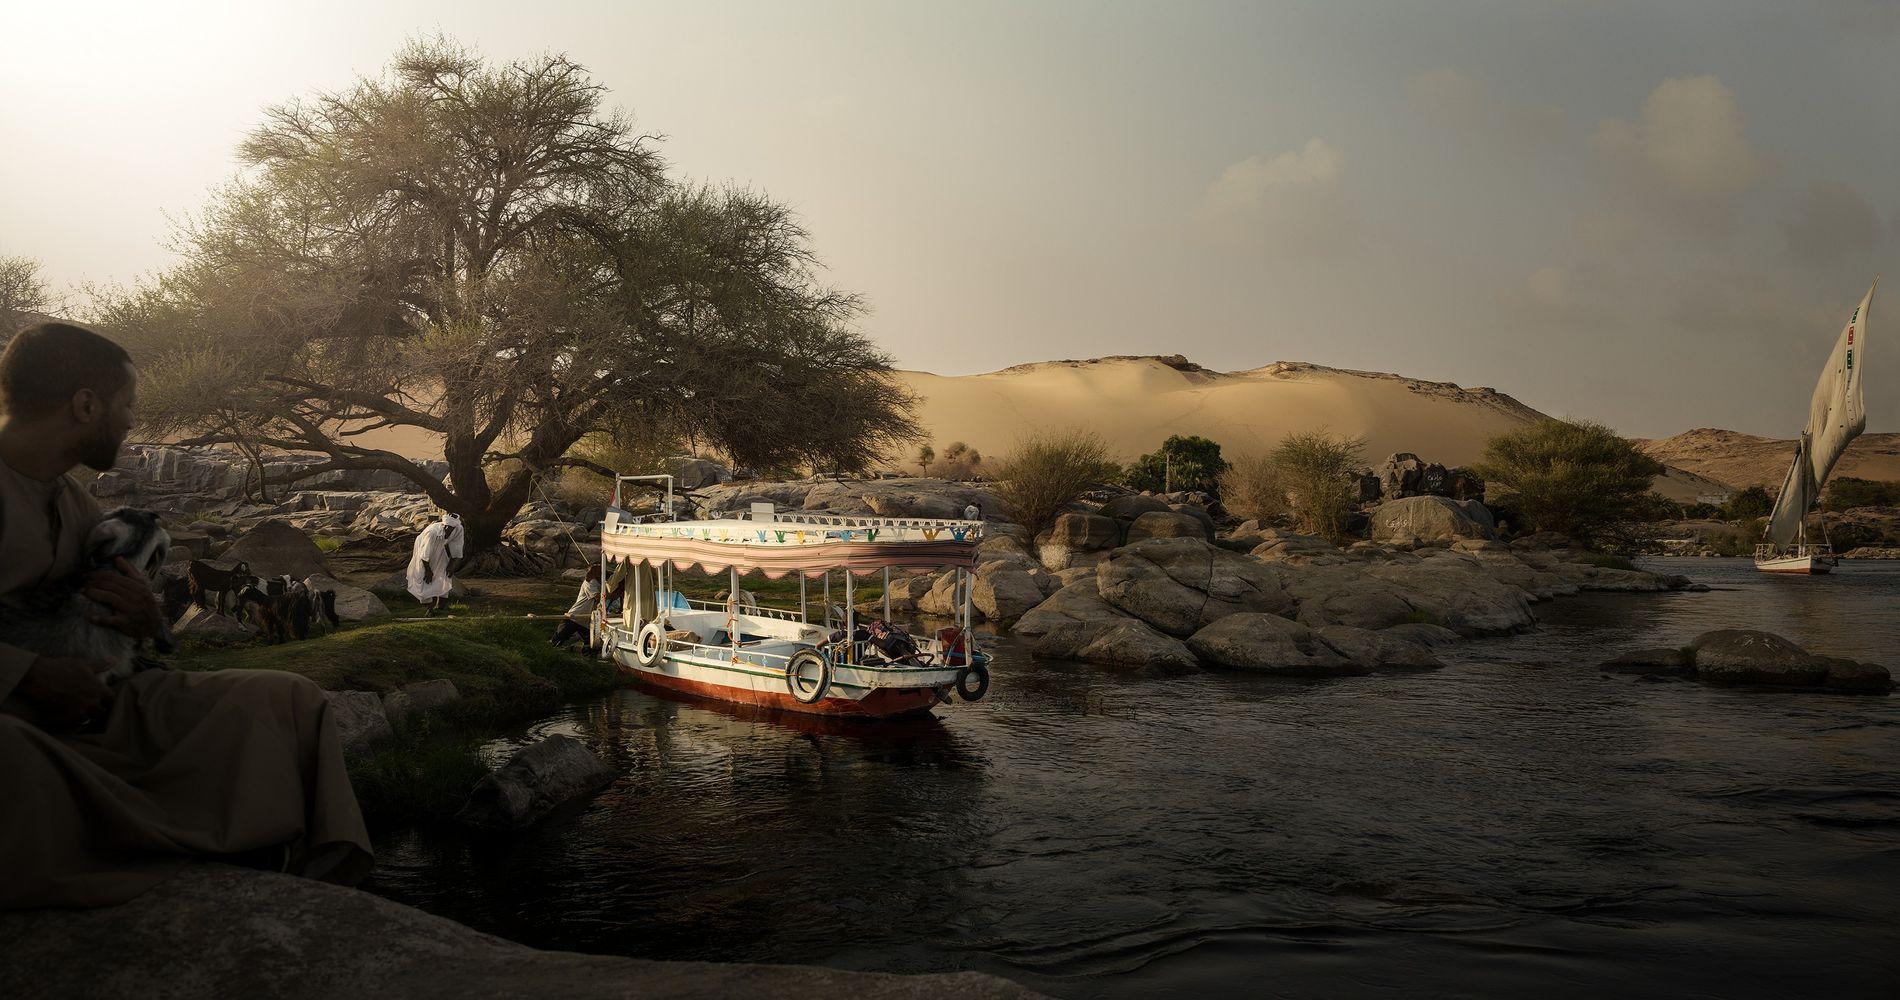 Chèvres en croisière en quête de pâturage, environs d'Assouan, Égypte, 2018 - Régulièrement, Yunis, Bilal et ...